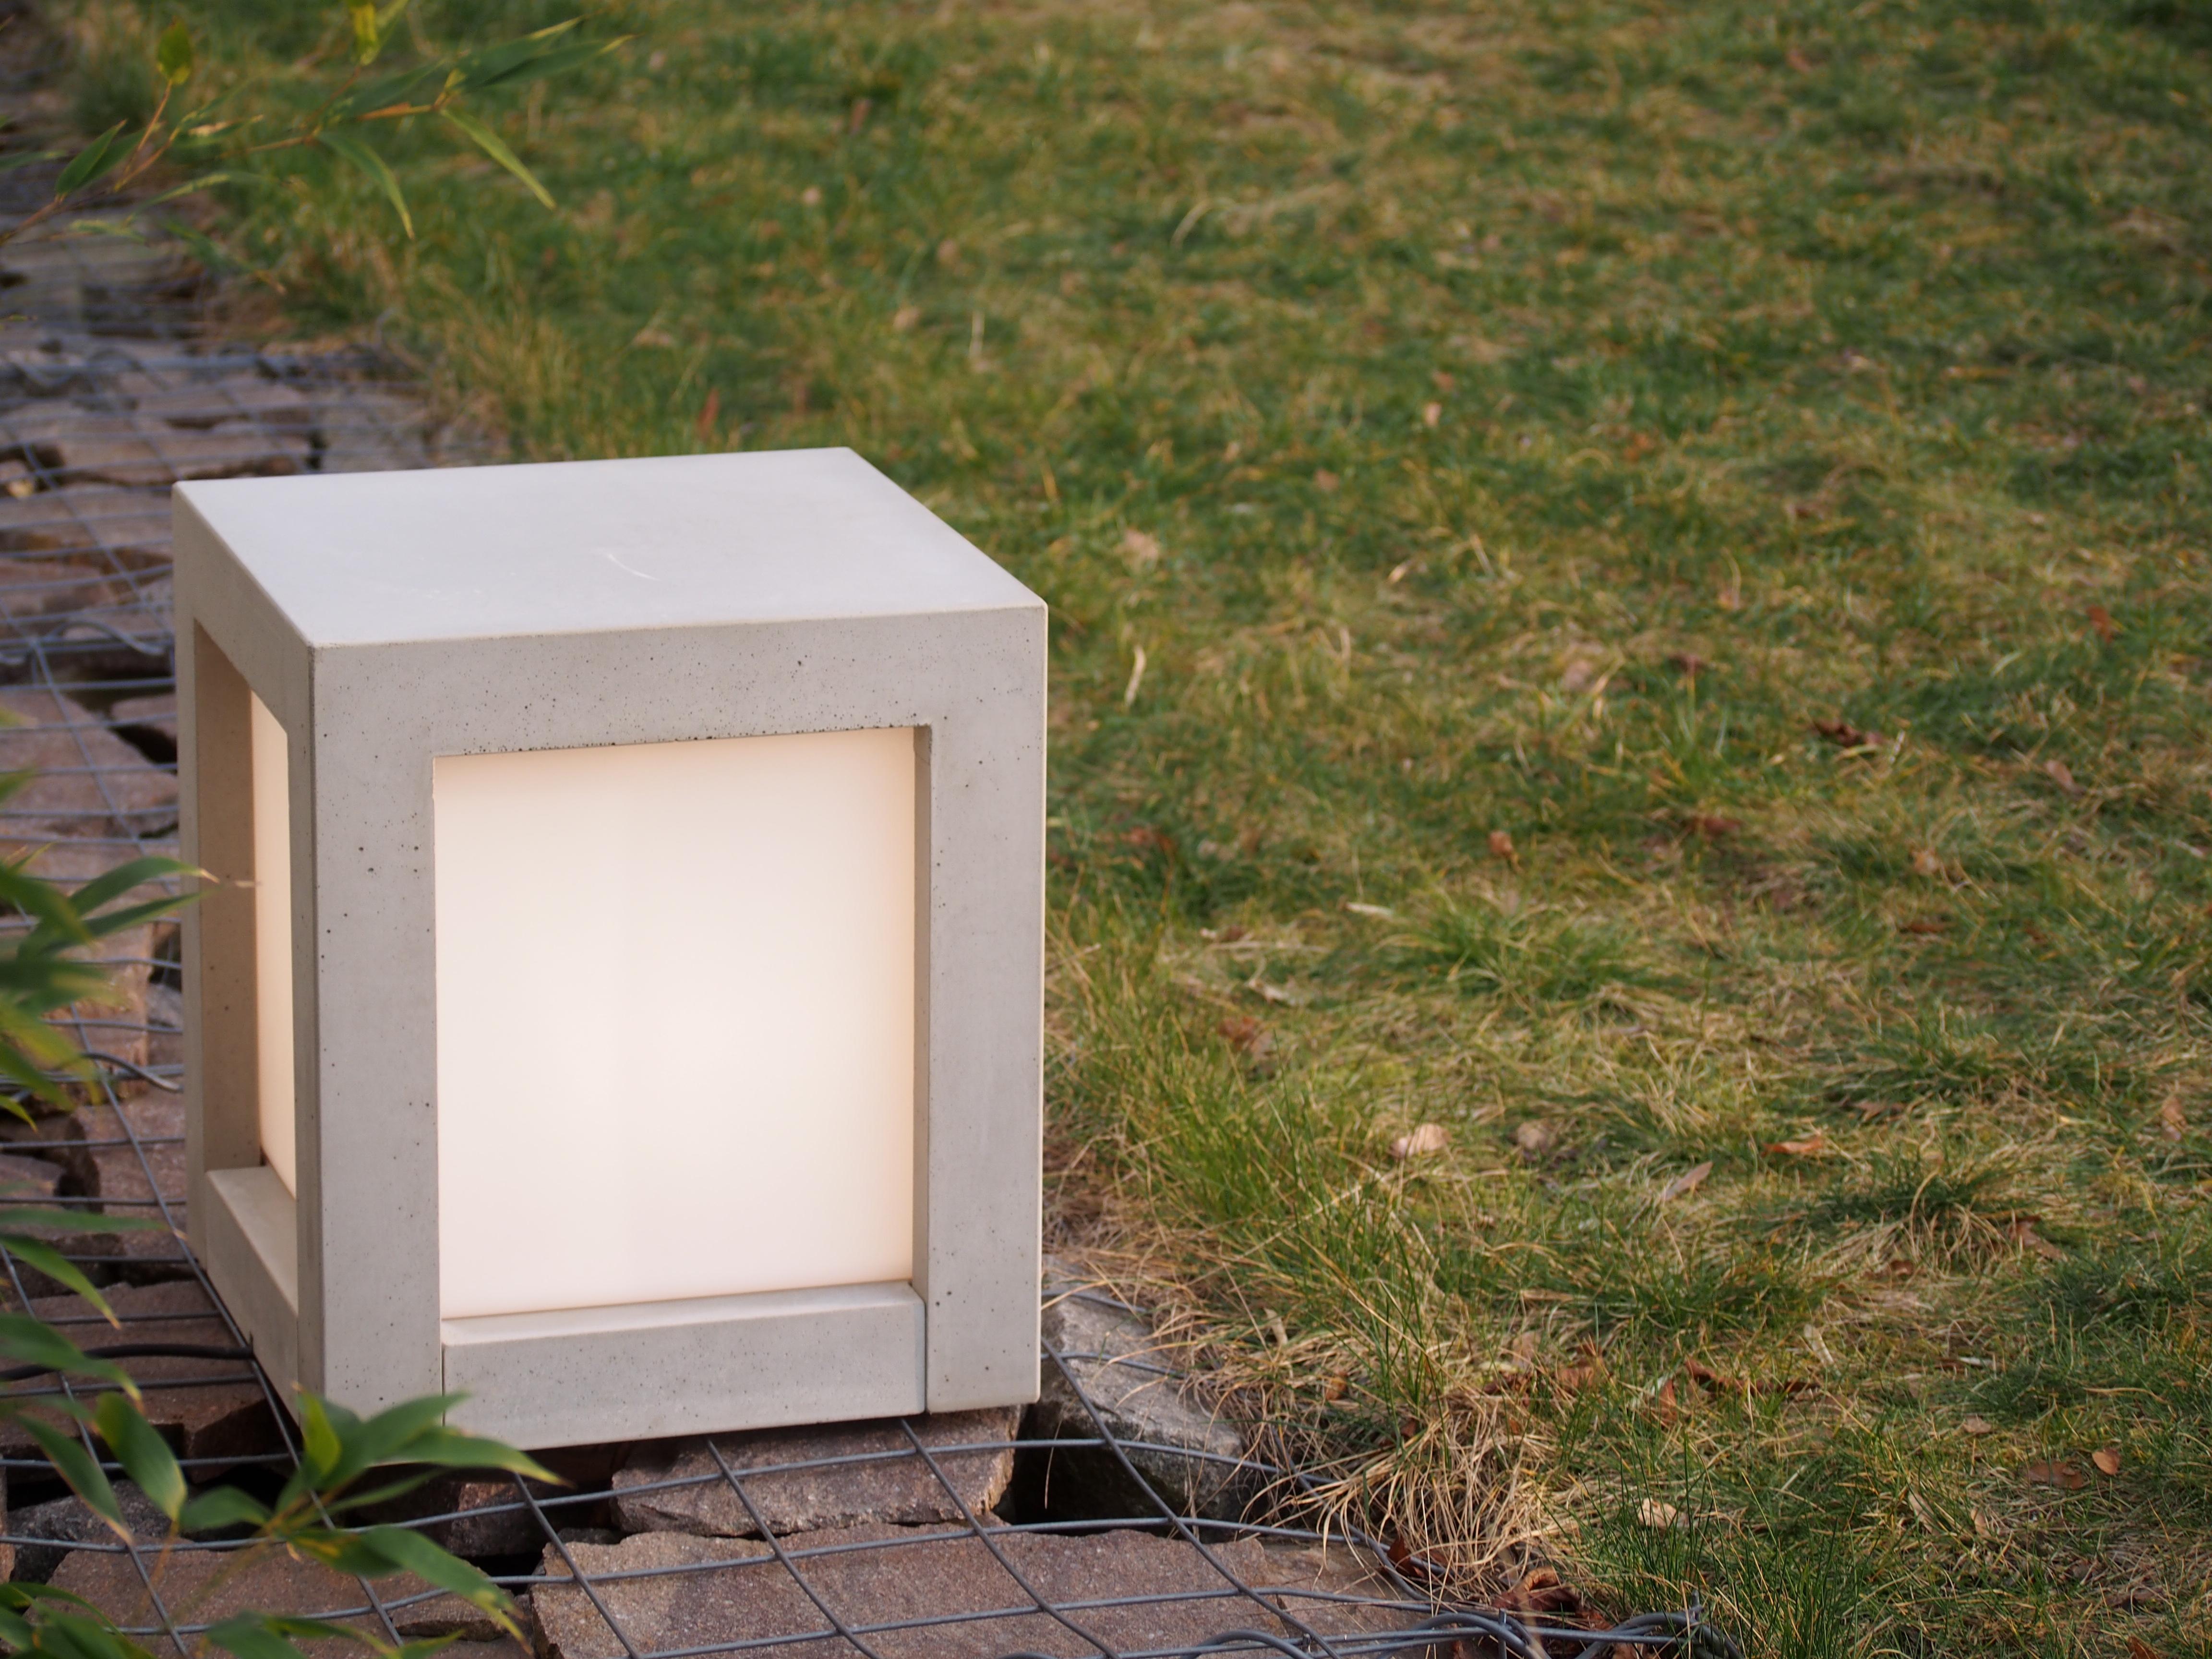 Lichtwürfel Im Garten #stuhl #hocker #lampe #betonmöbel ©Foto Betoniu GmbH